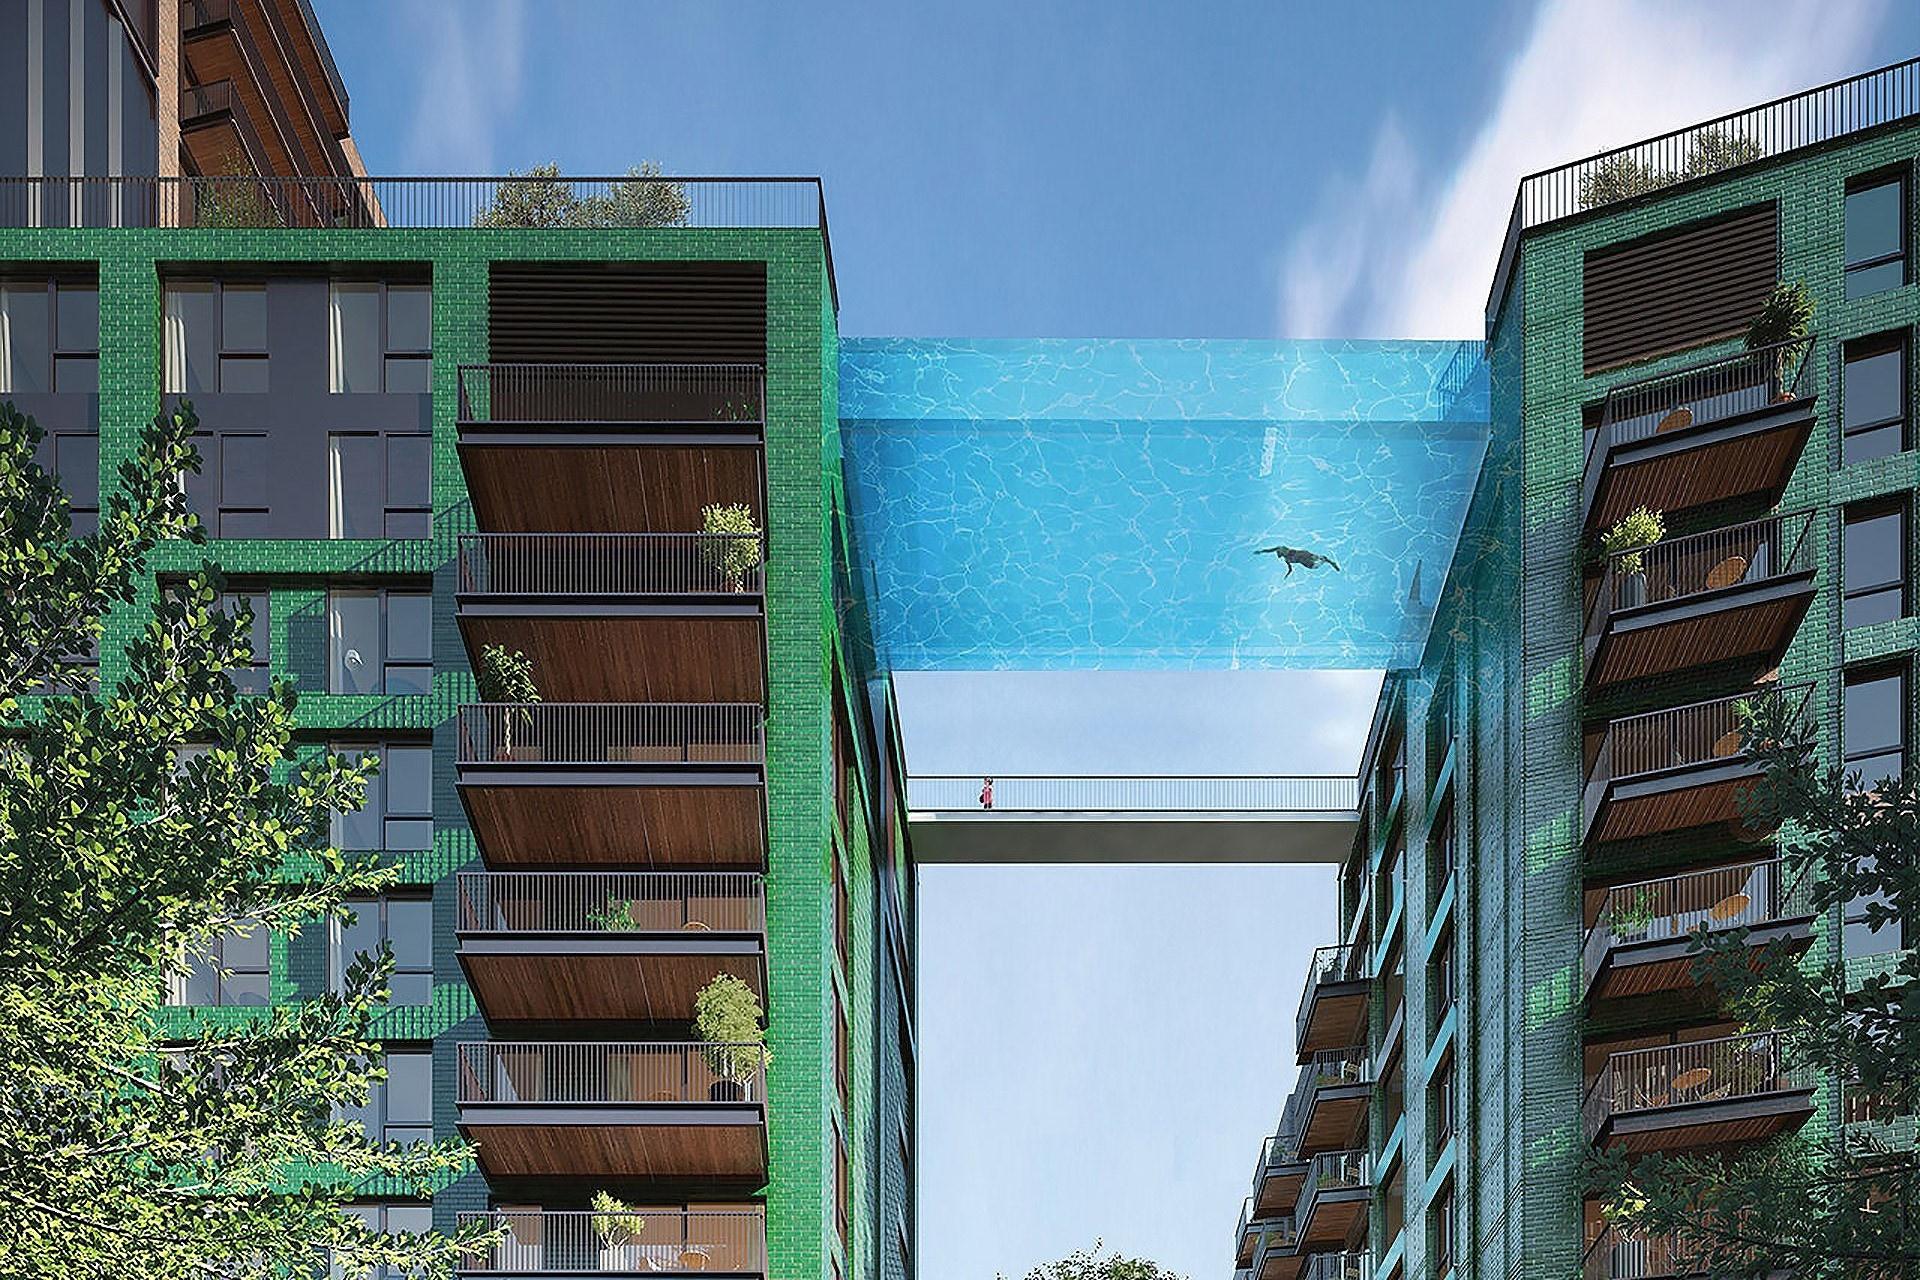 Bể bơi trong suốt treo giữa hai tòa nhà ở Anh